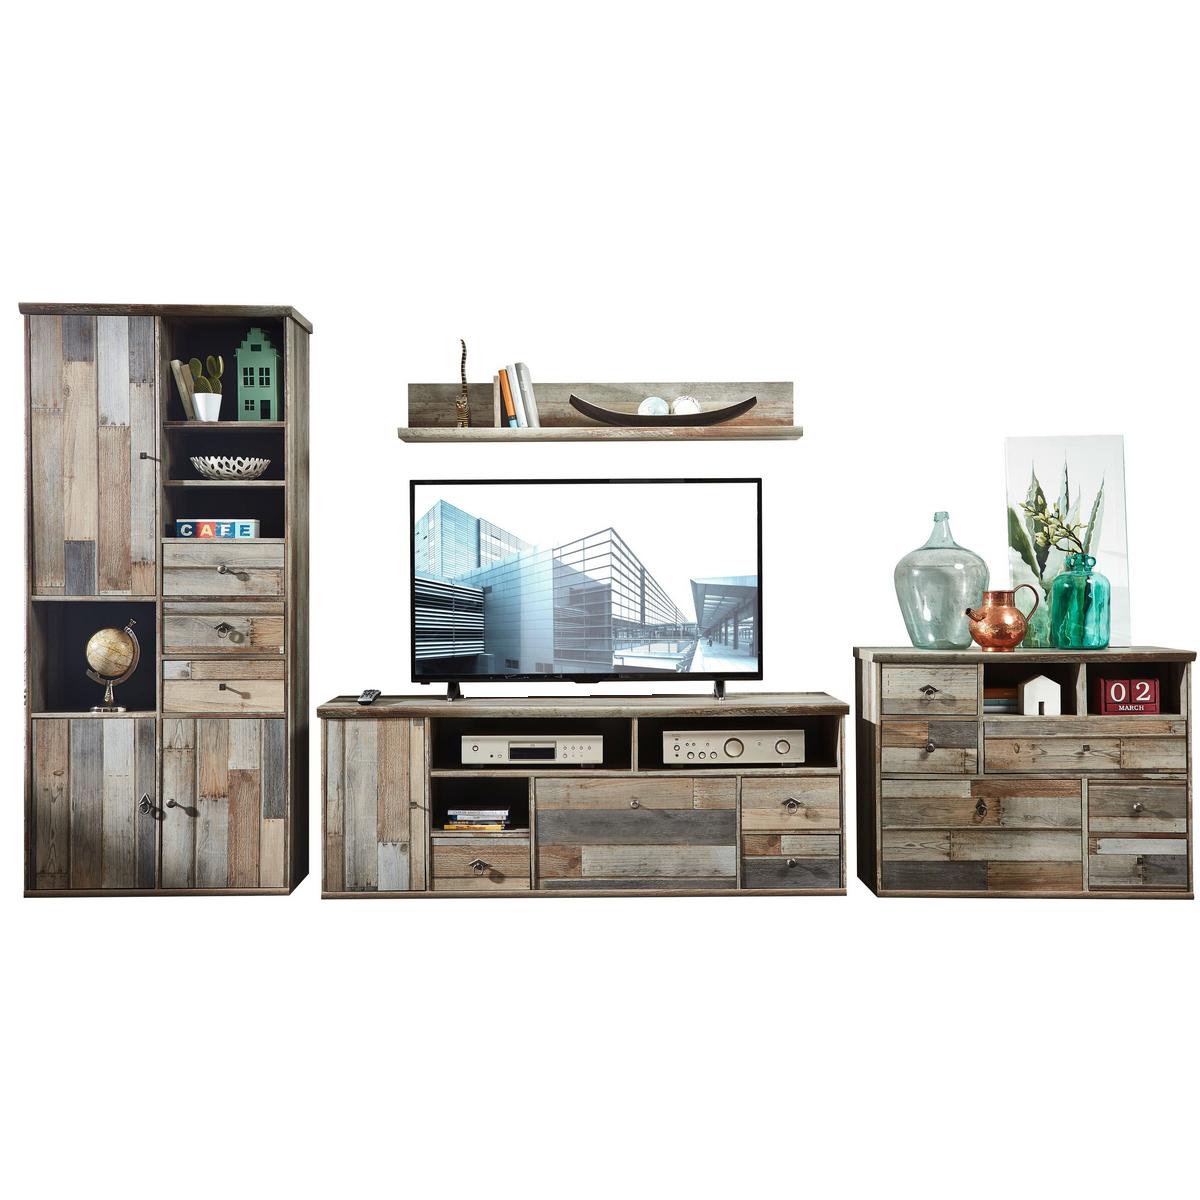 innostyle wohnkombination bonanza 4teilig 10 d0 dd 81 komplett wohnzimmermobel in driftwood nachbildung fur ihr wohnzimmer